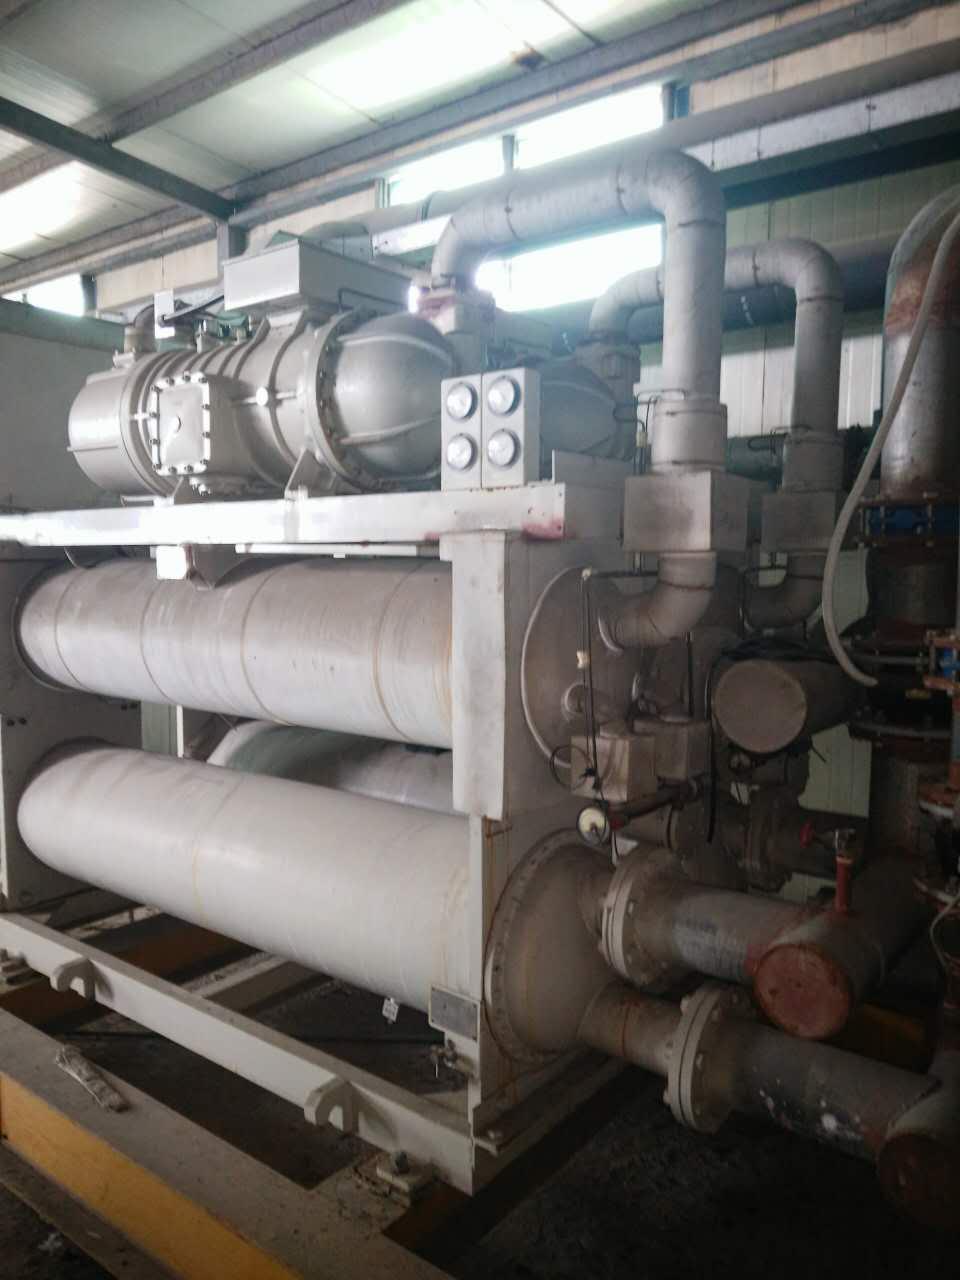 广州天河央空调回收有限公司现金交易中央空调回收价格现货